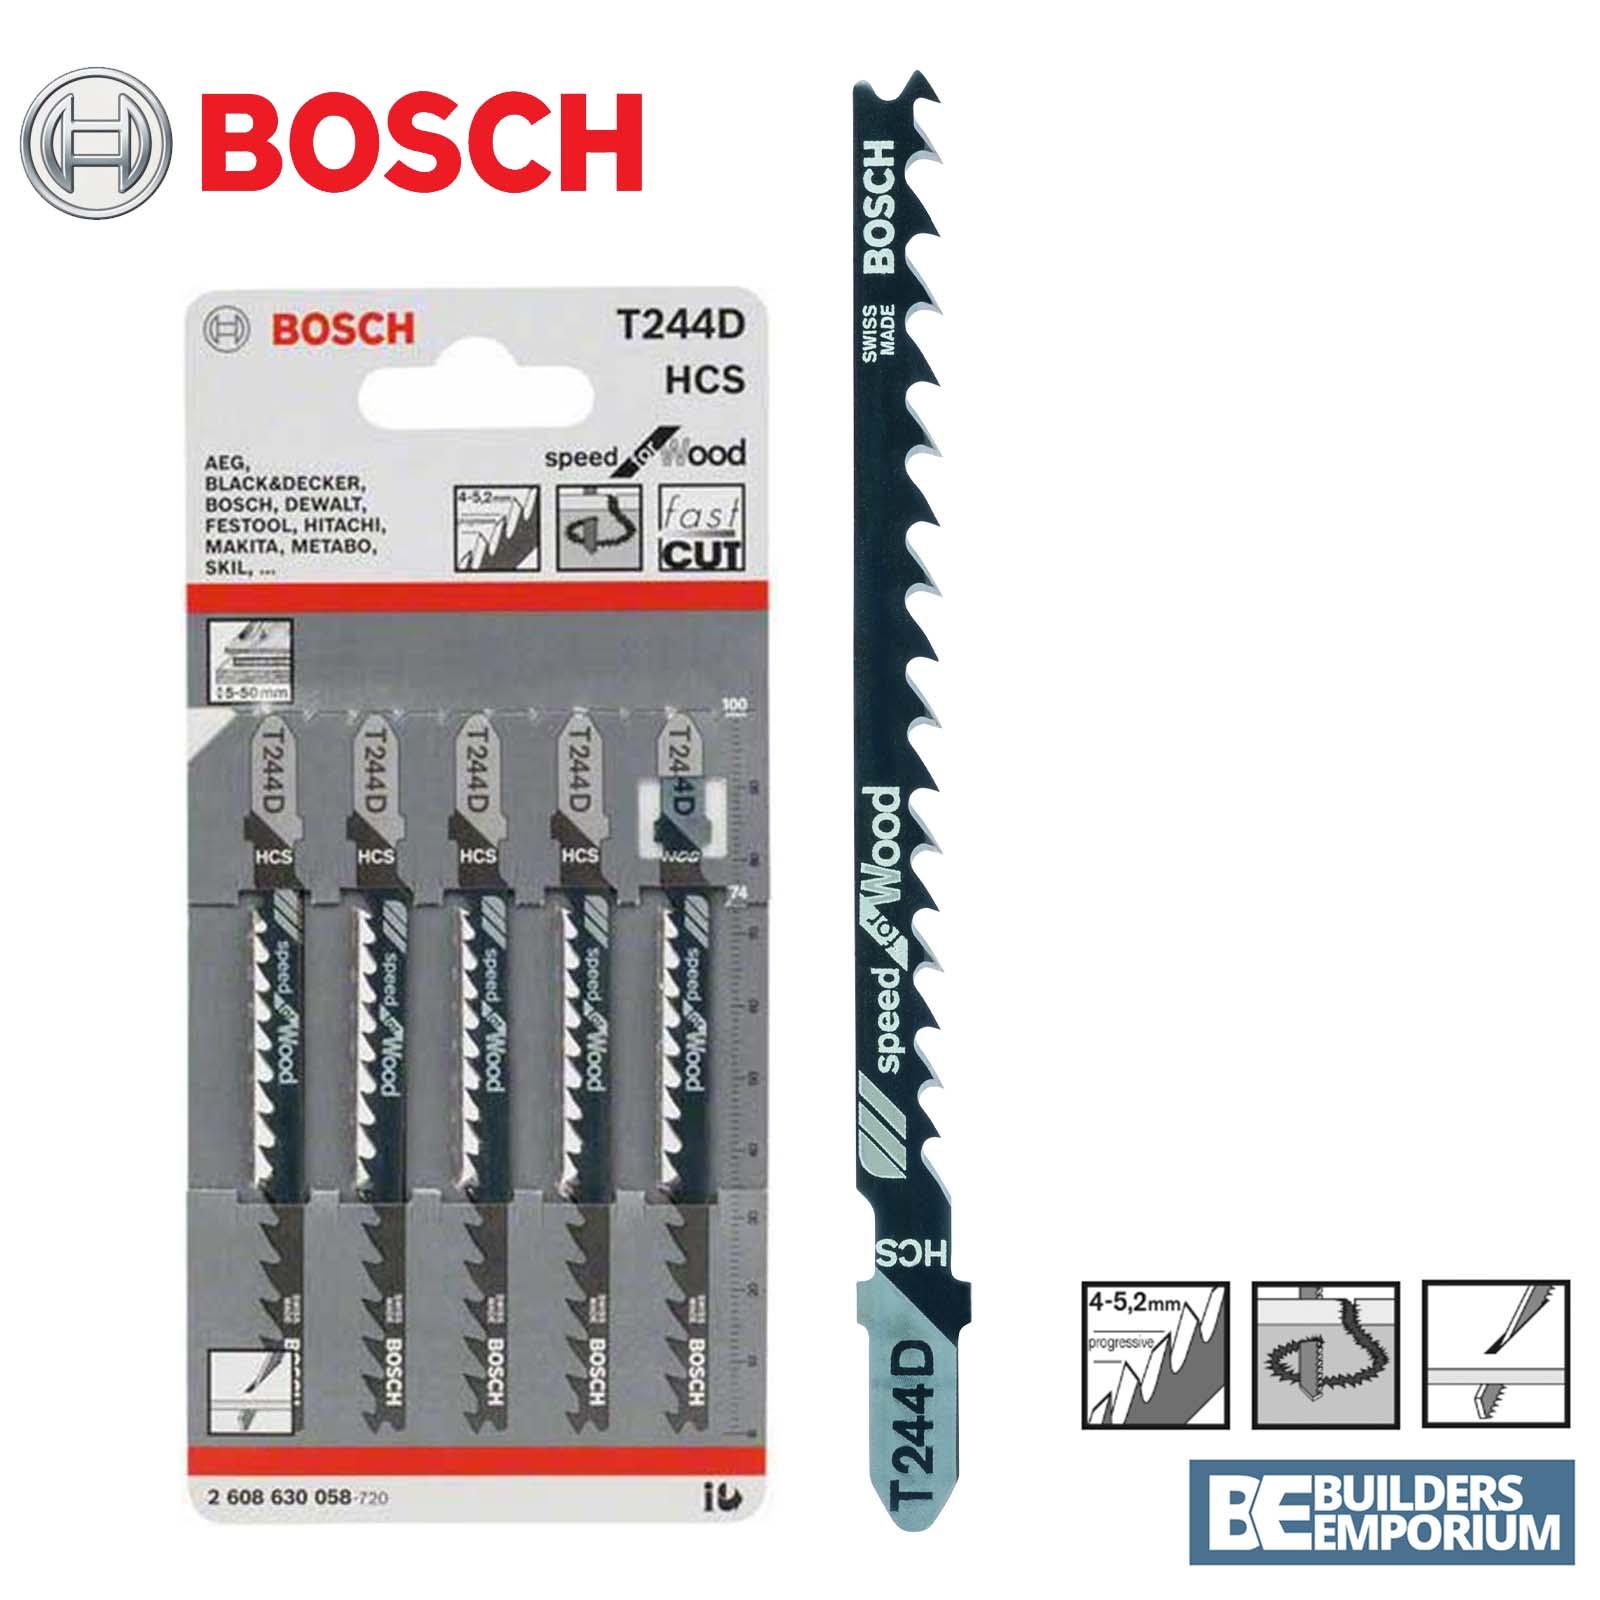 Bosch-Jigsaw-Blades-T111C-T144D-T118B-T118A-T101B-T101D-T244D-T101BR-amp-T345XF thumbnail 9